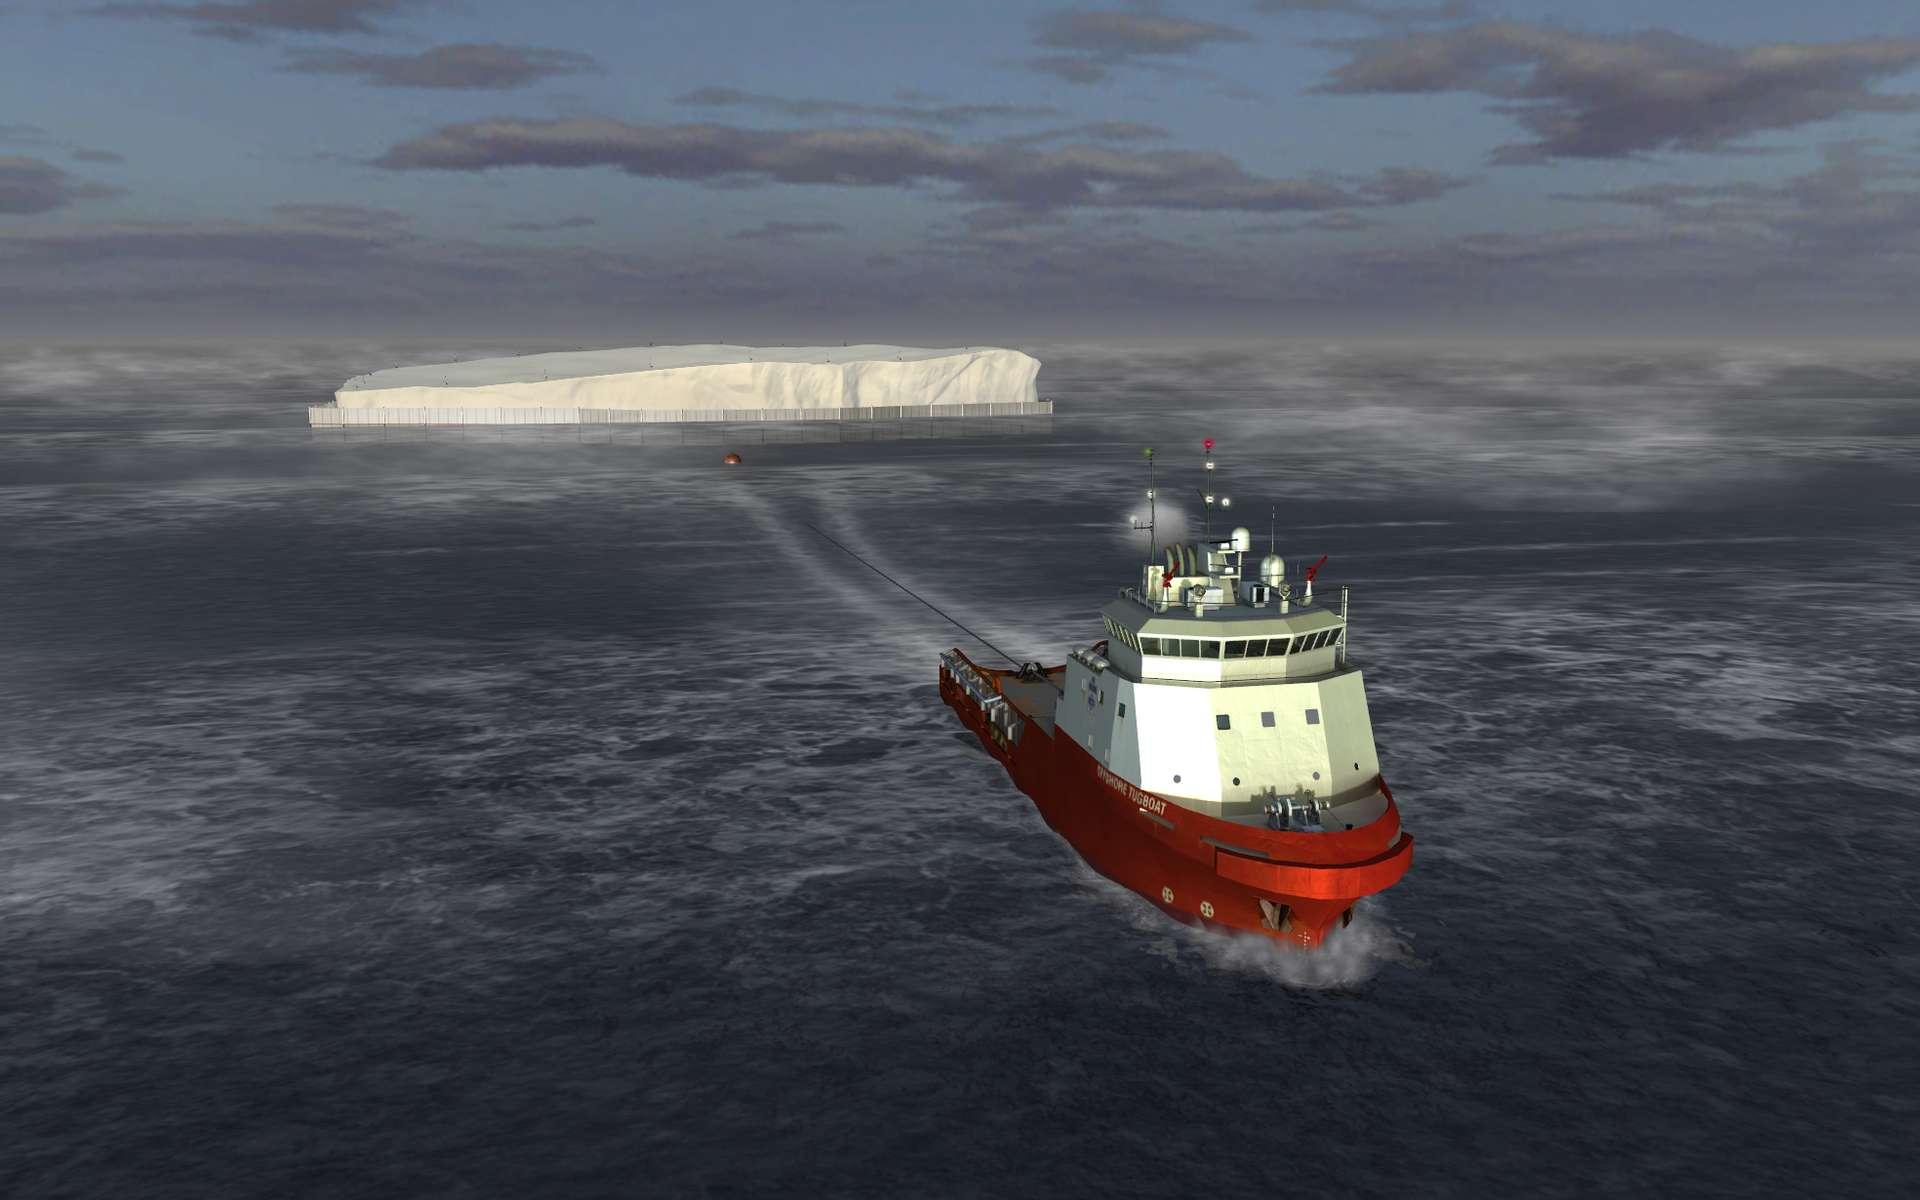 Un remorqueur tractant un iceberg, représenté par un logiciel de simulation capable de tenir compte des courants et des conditions de mer pour reproduire la marche du navire. © Dassault Systèmes